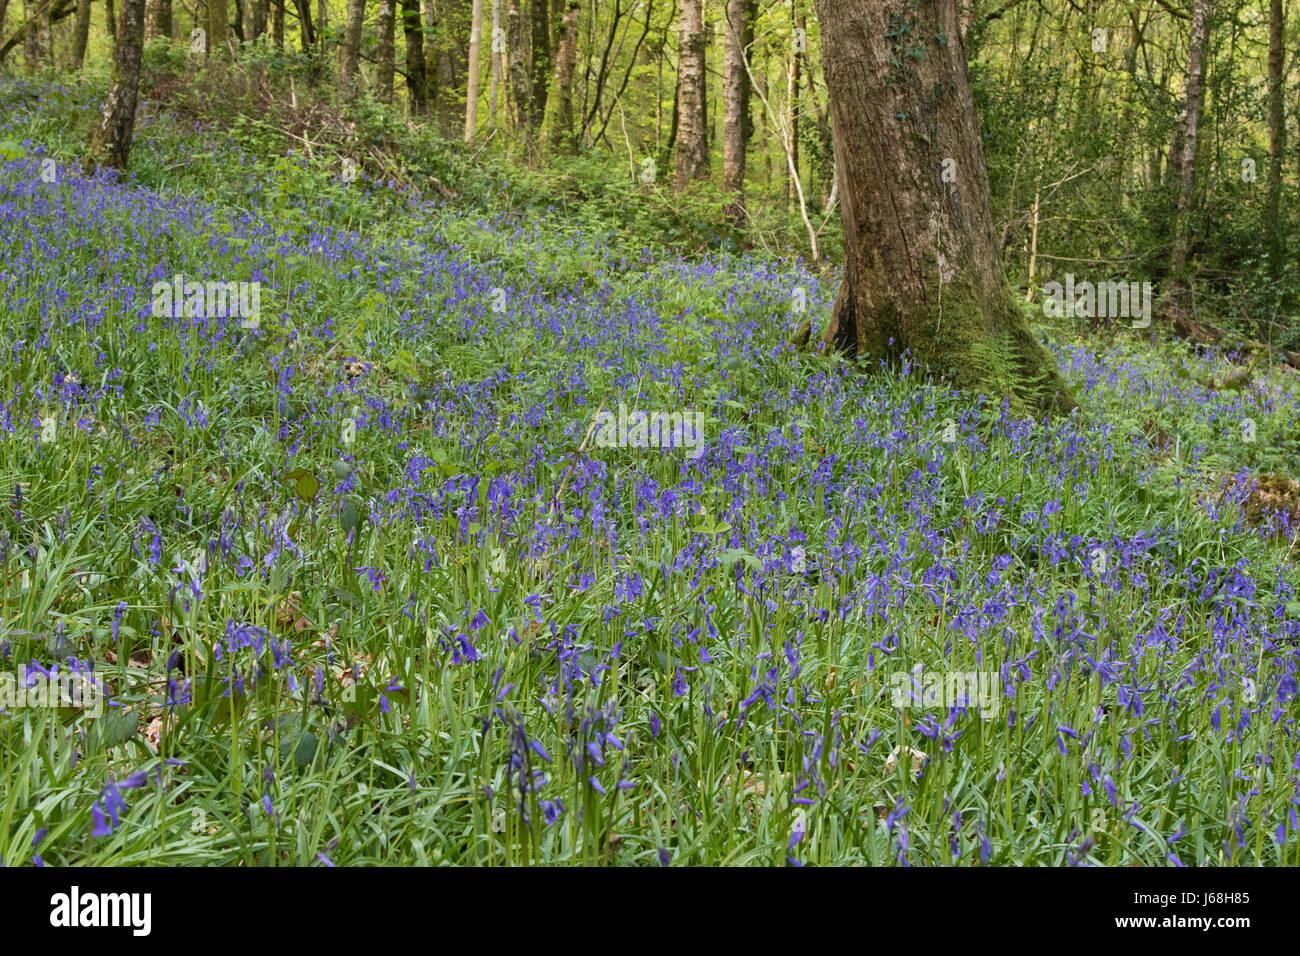 Glockenblumen mit Teppich den Boden einer hügeligen Eichenwälder im Snowdonia National Park, Wales Stockbild